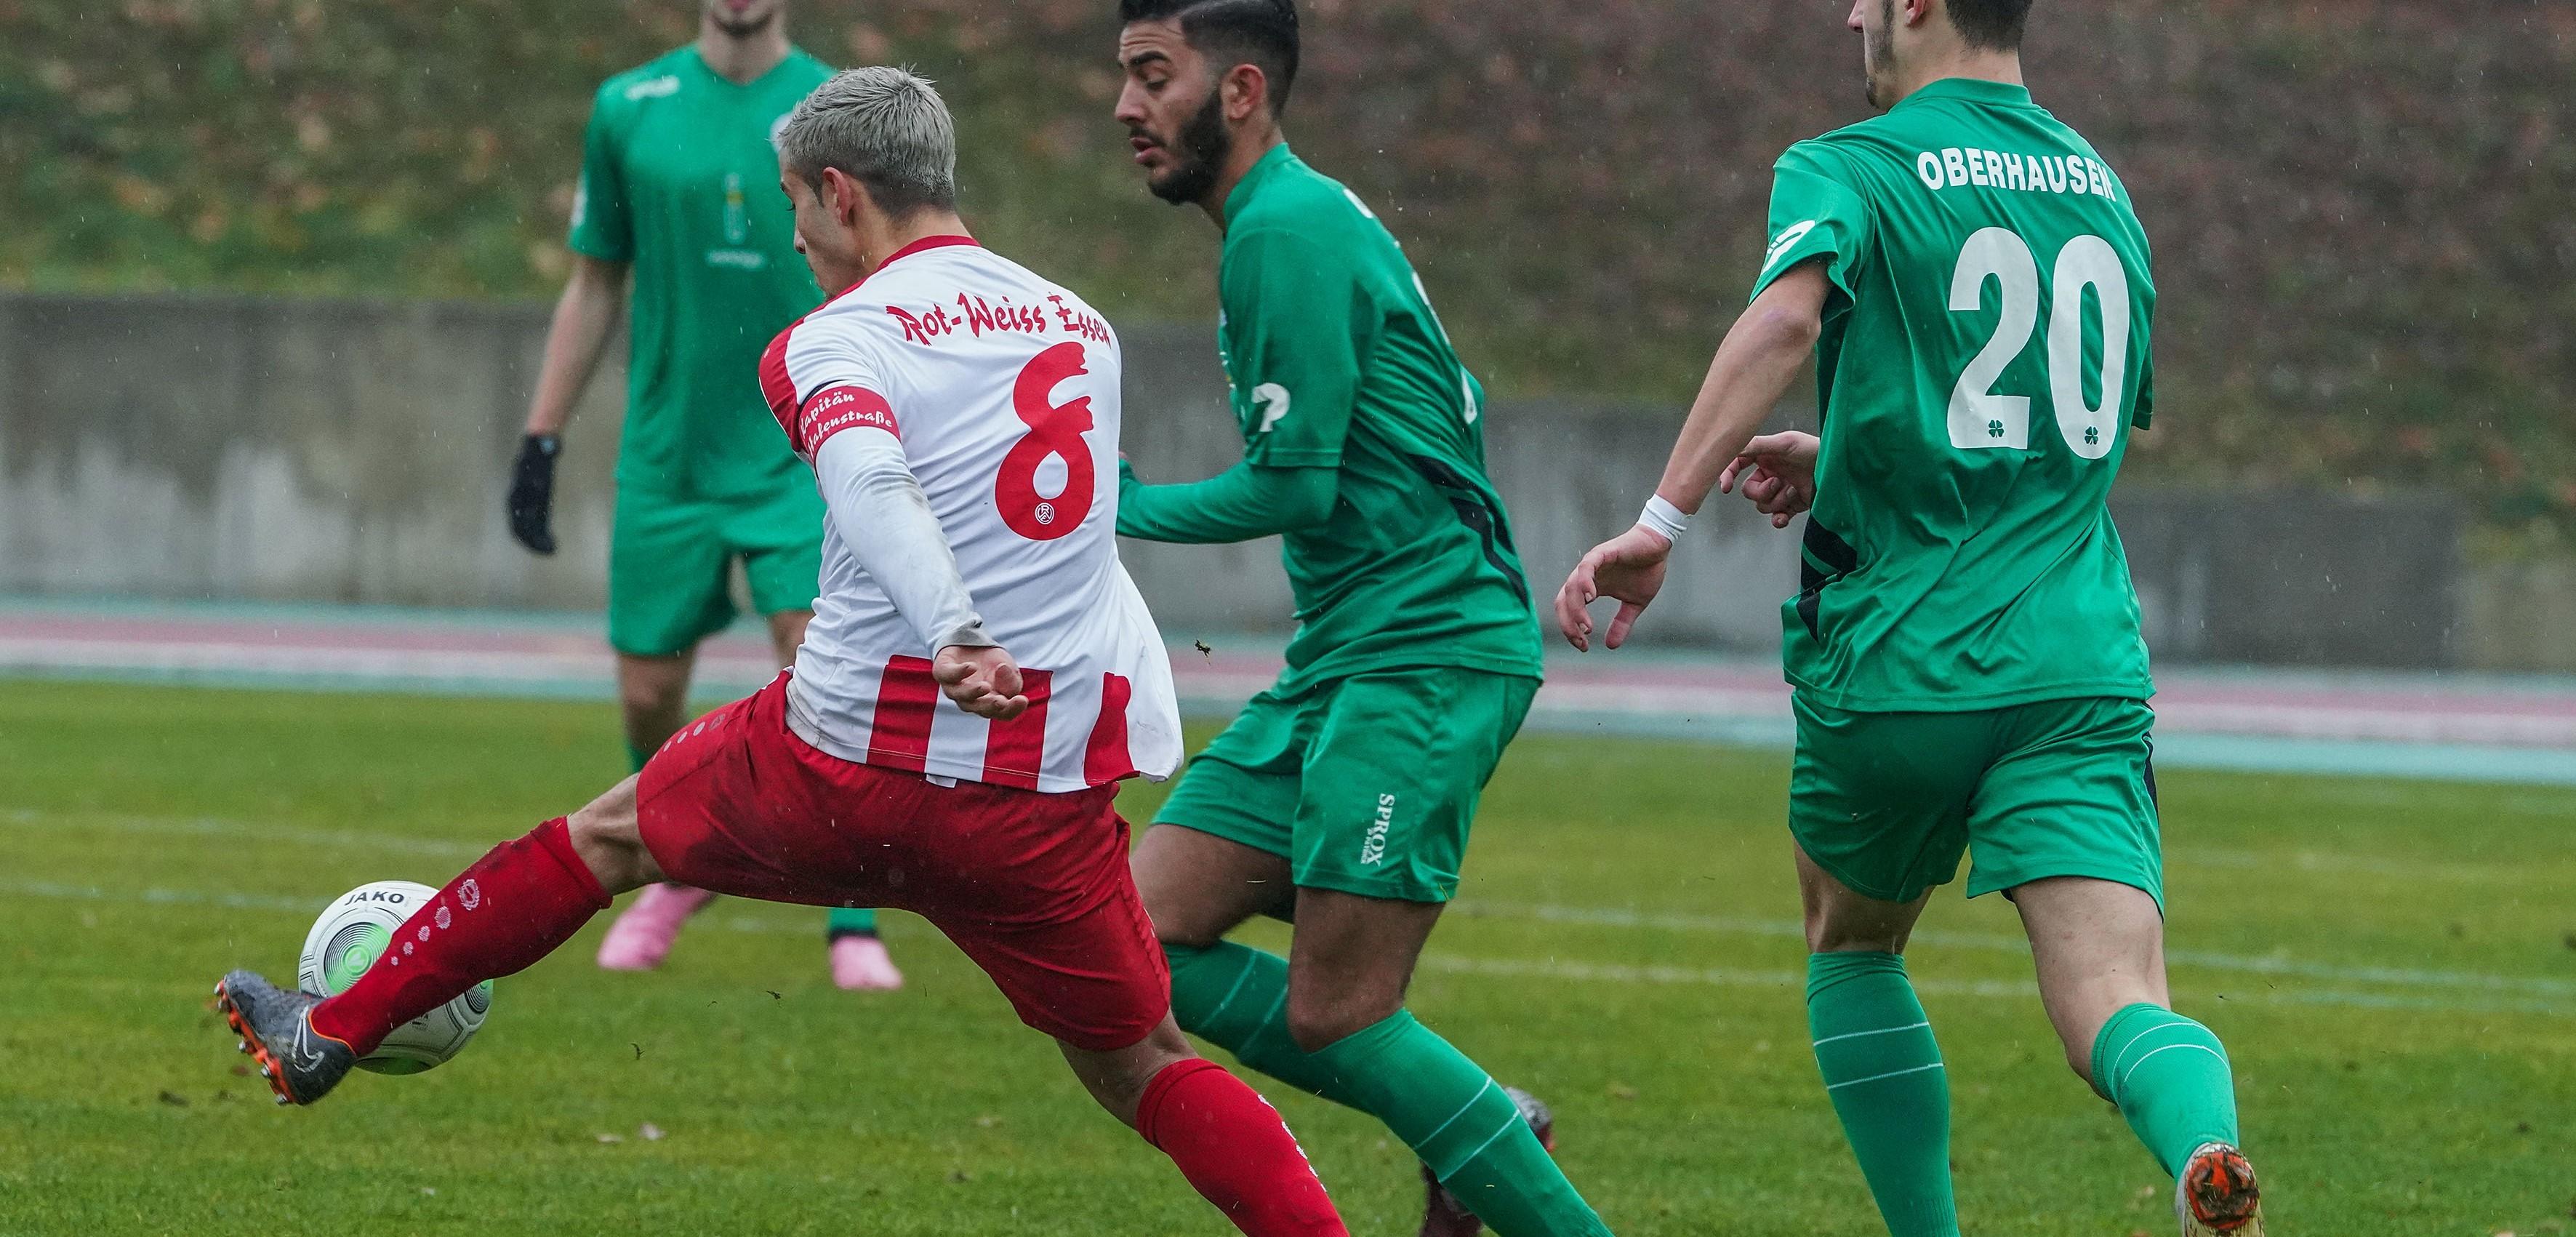 Gegen Alemannia Aachen konnten die Rot-Weissen ihren guten Lauf leider nicht fortsetzen. (Foto: Gohl)